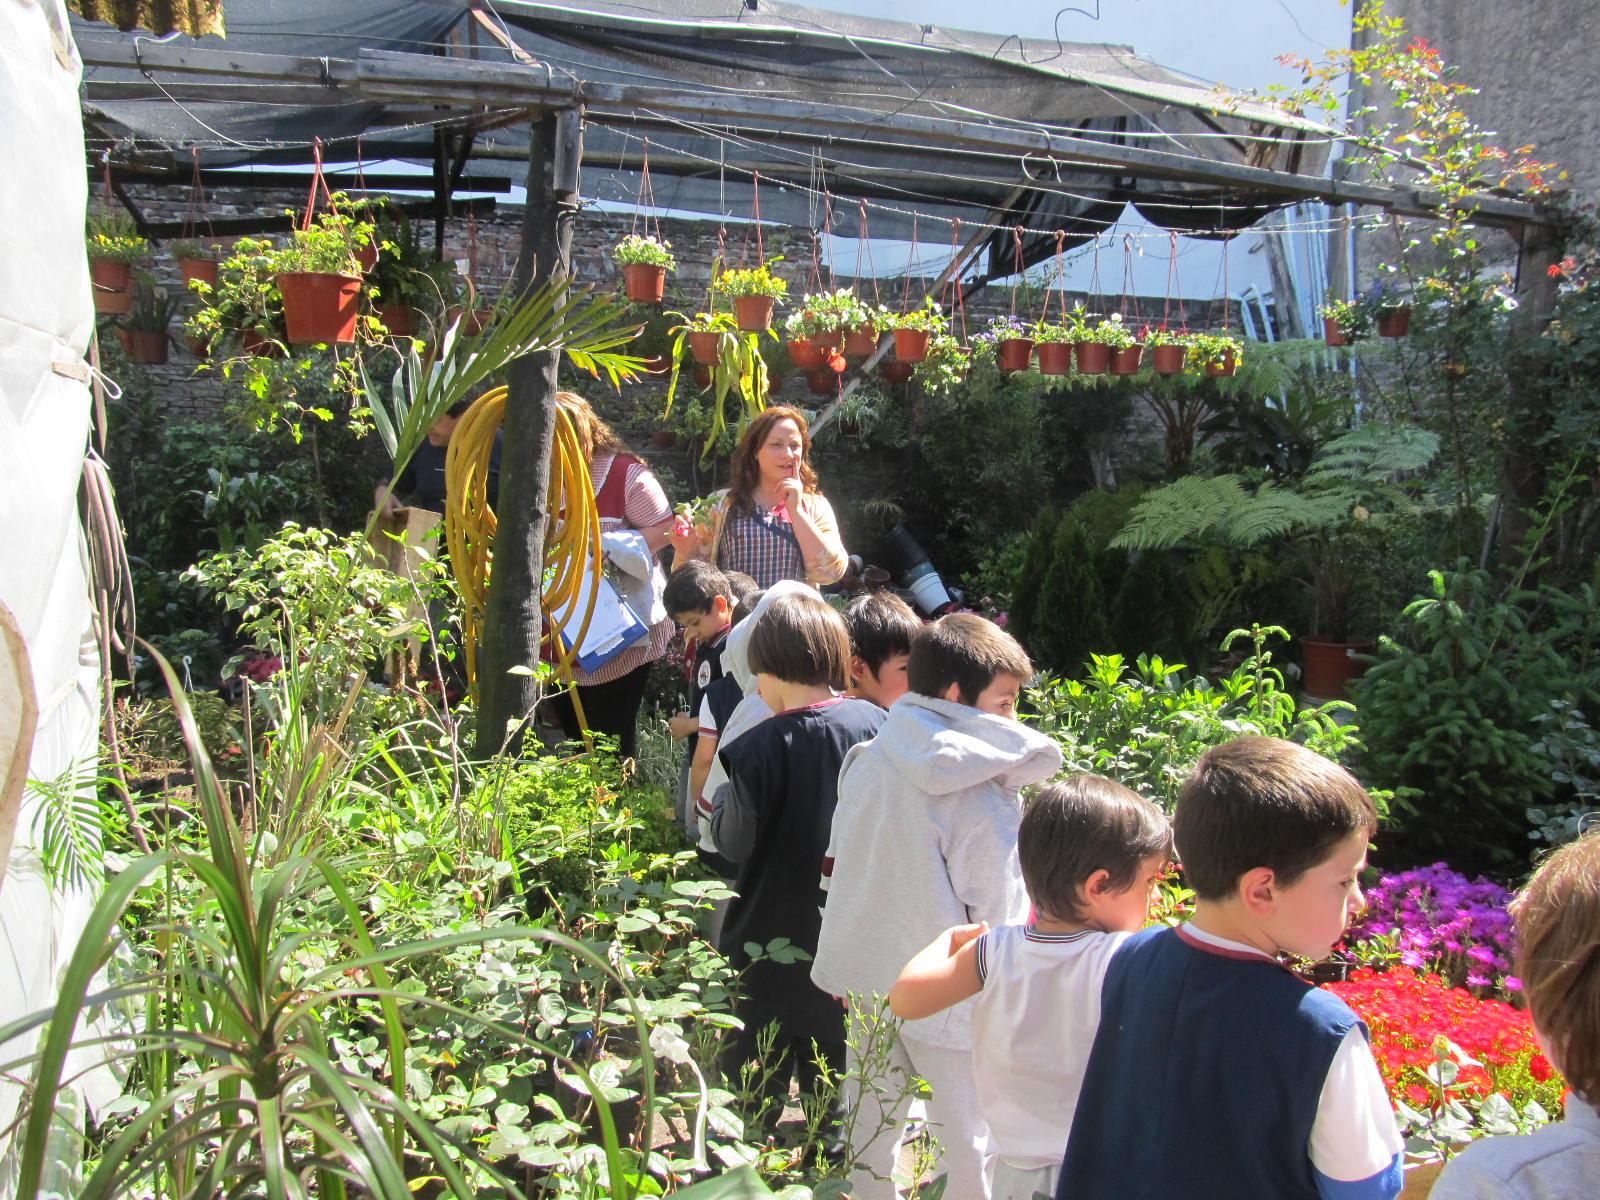 El jardin del almafuerte unidad el vivero del barrio for Vivero el jardin